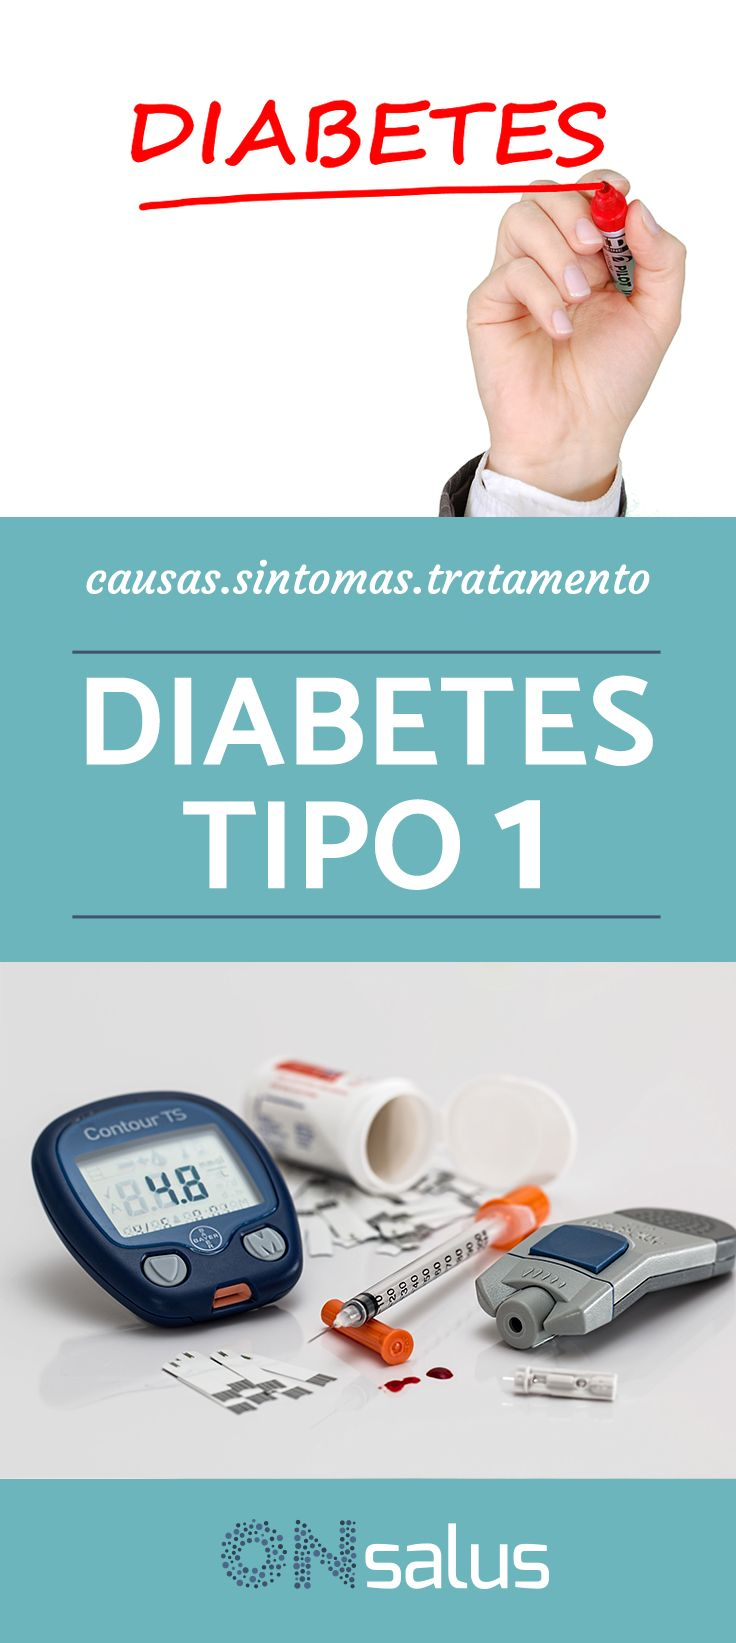 A diabetes tipo 1 é uma condição crônica na qual o pâncreas perde a capacidade de produzir a quantidade adequada de insulina necessária ao nosso corpo, isso faz com que o corpo não seja capaz de aproveitar o açúcar ingerido através dos alimentos para o transformar em energia, acumulando-se perigosamente no sangue. Neste artigo do ONsalus explicamos a você as causas, sintomas e tratamento da diabetes tipo 1. #Diabetes #Tratamentos #Insulina #Doença #Saúde #Açúcar #Glicose